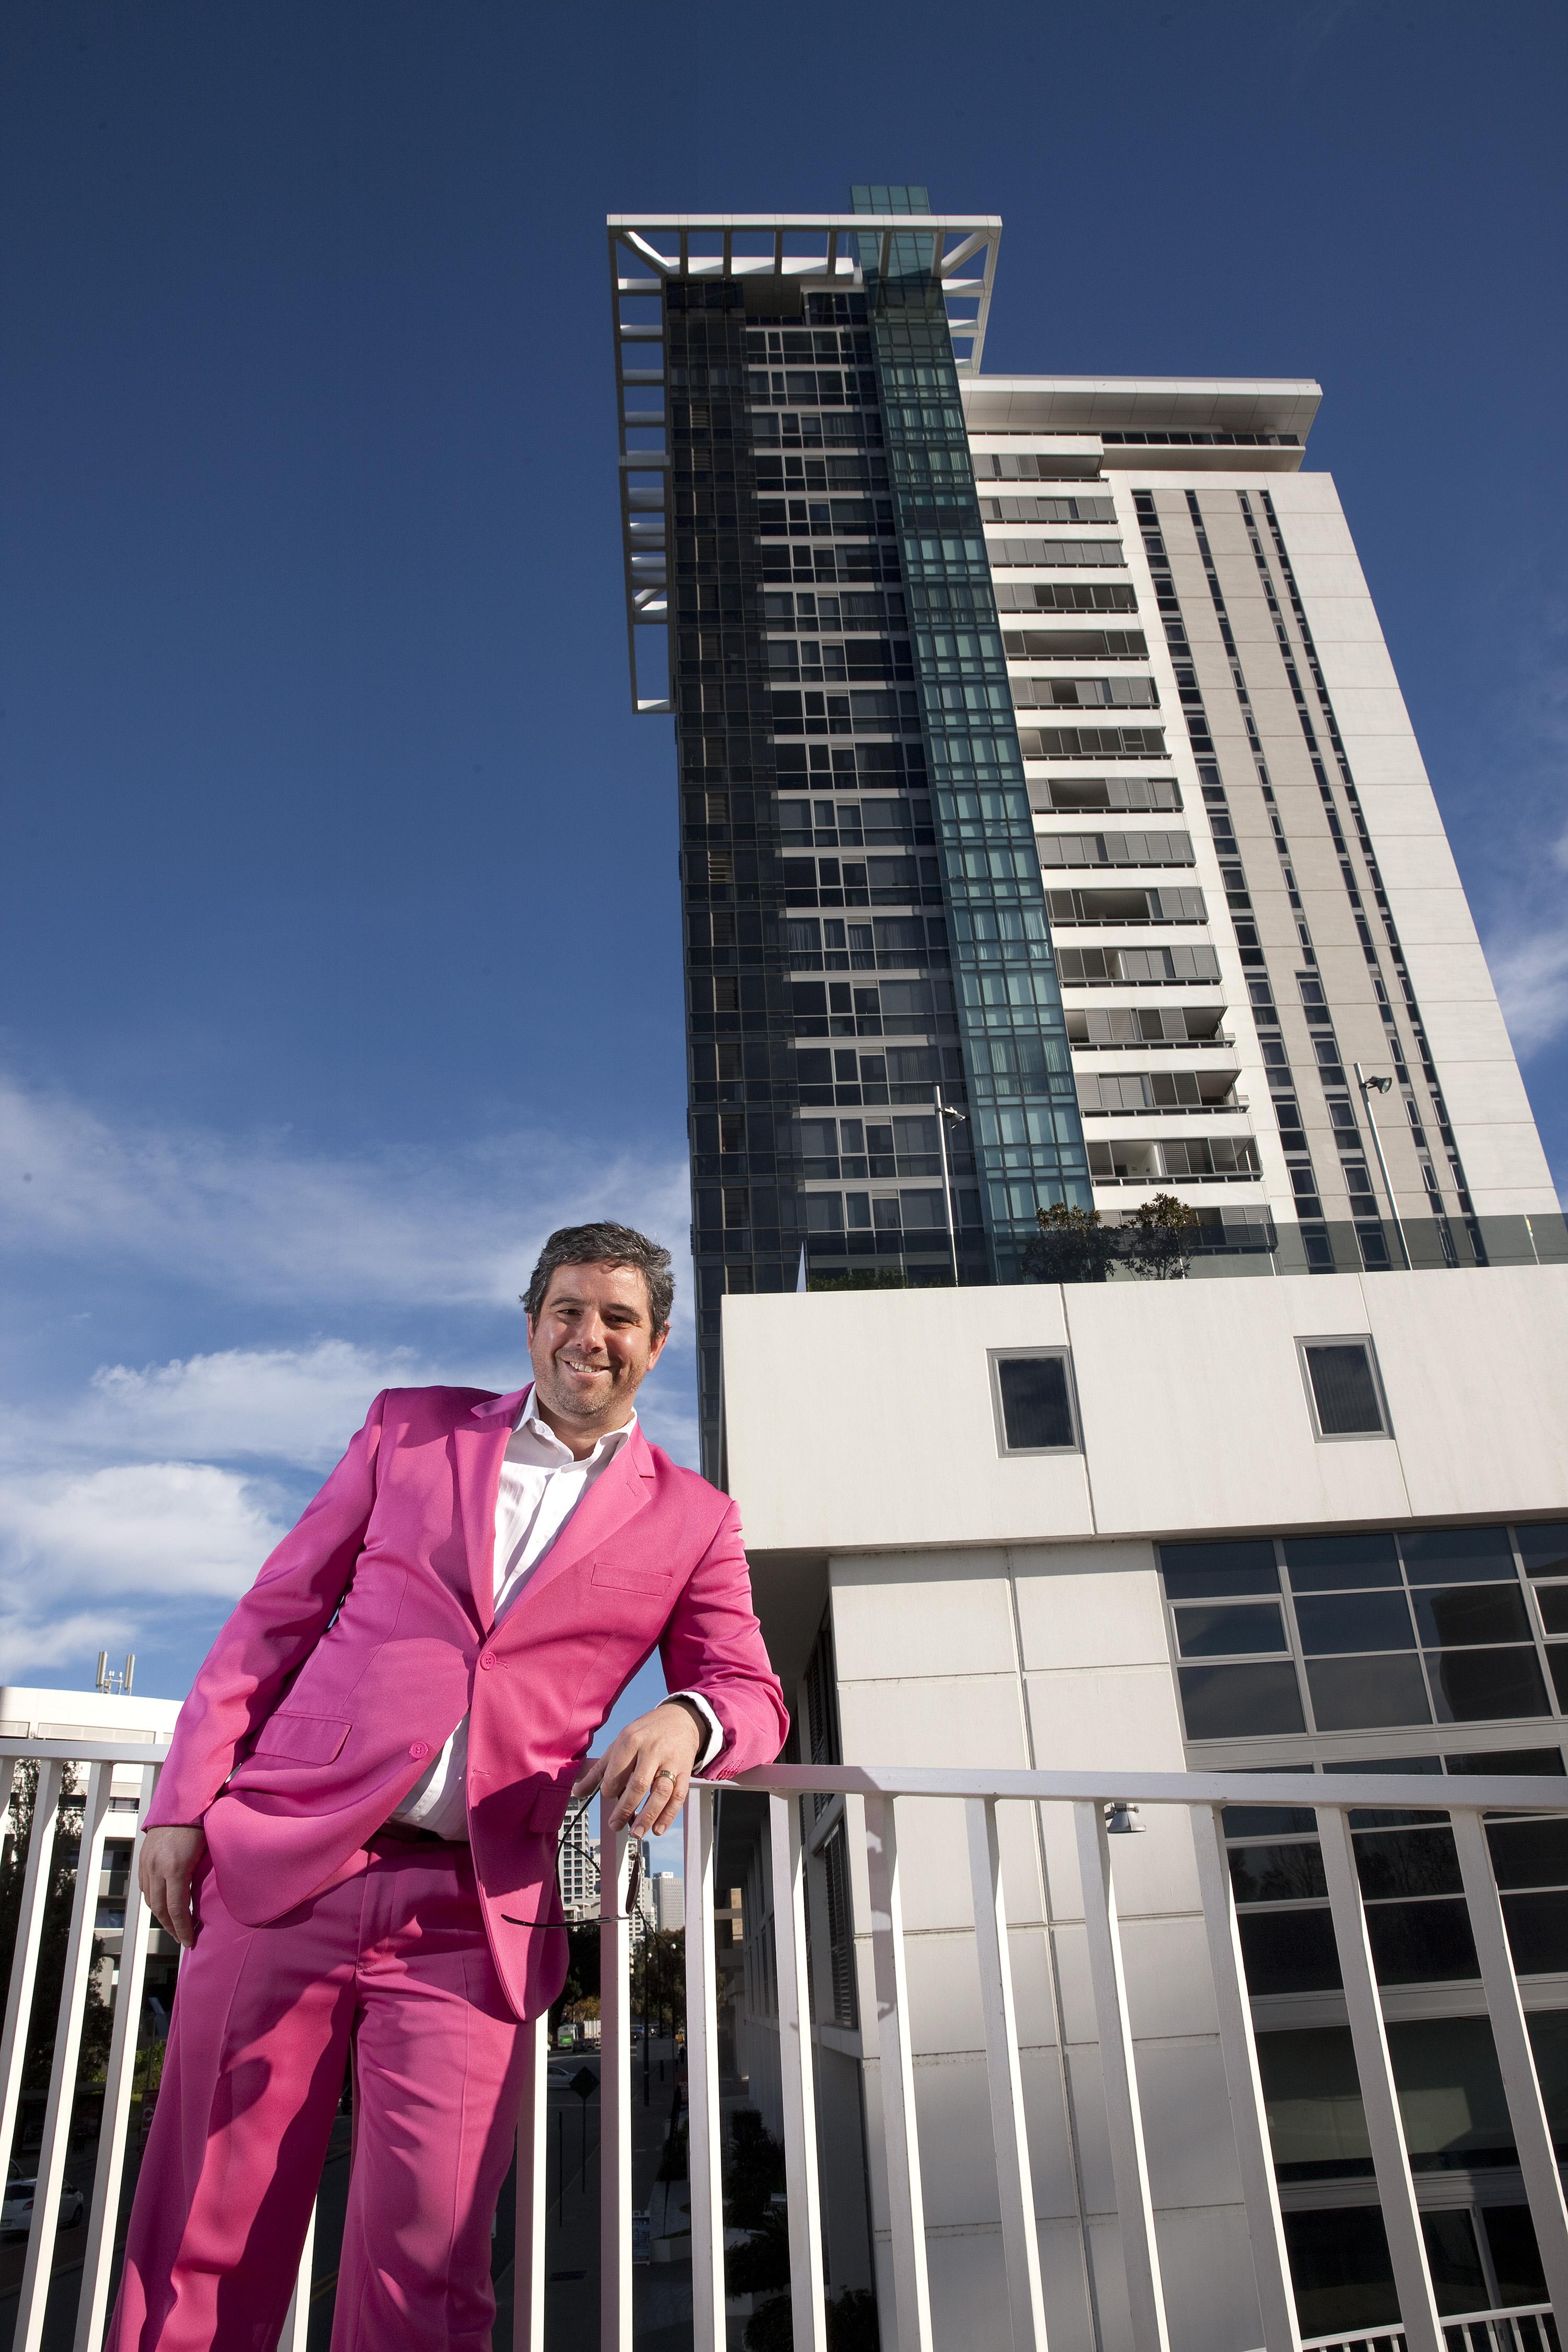 Stuart Gardiner in all his pink splendour.